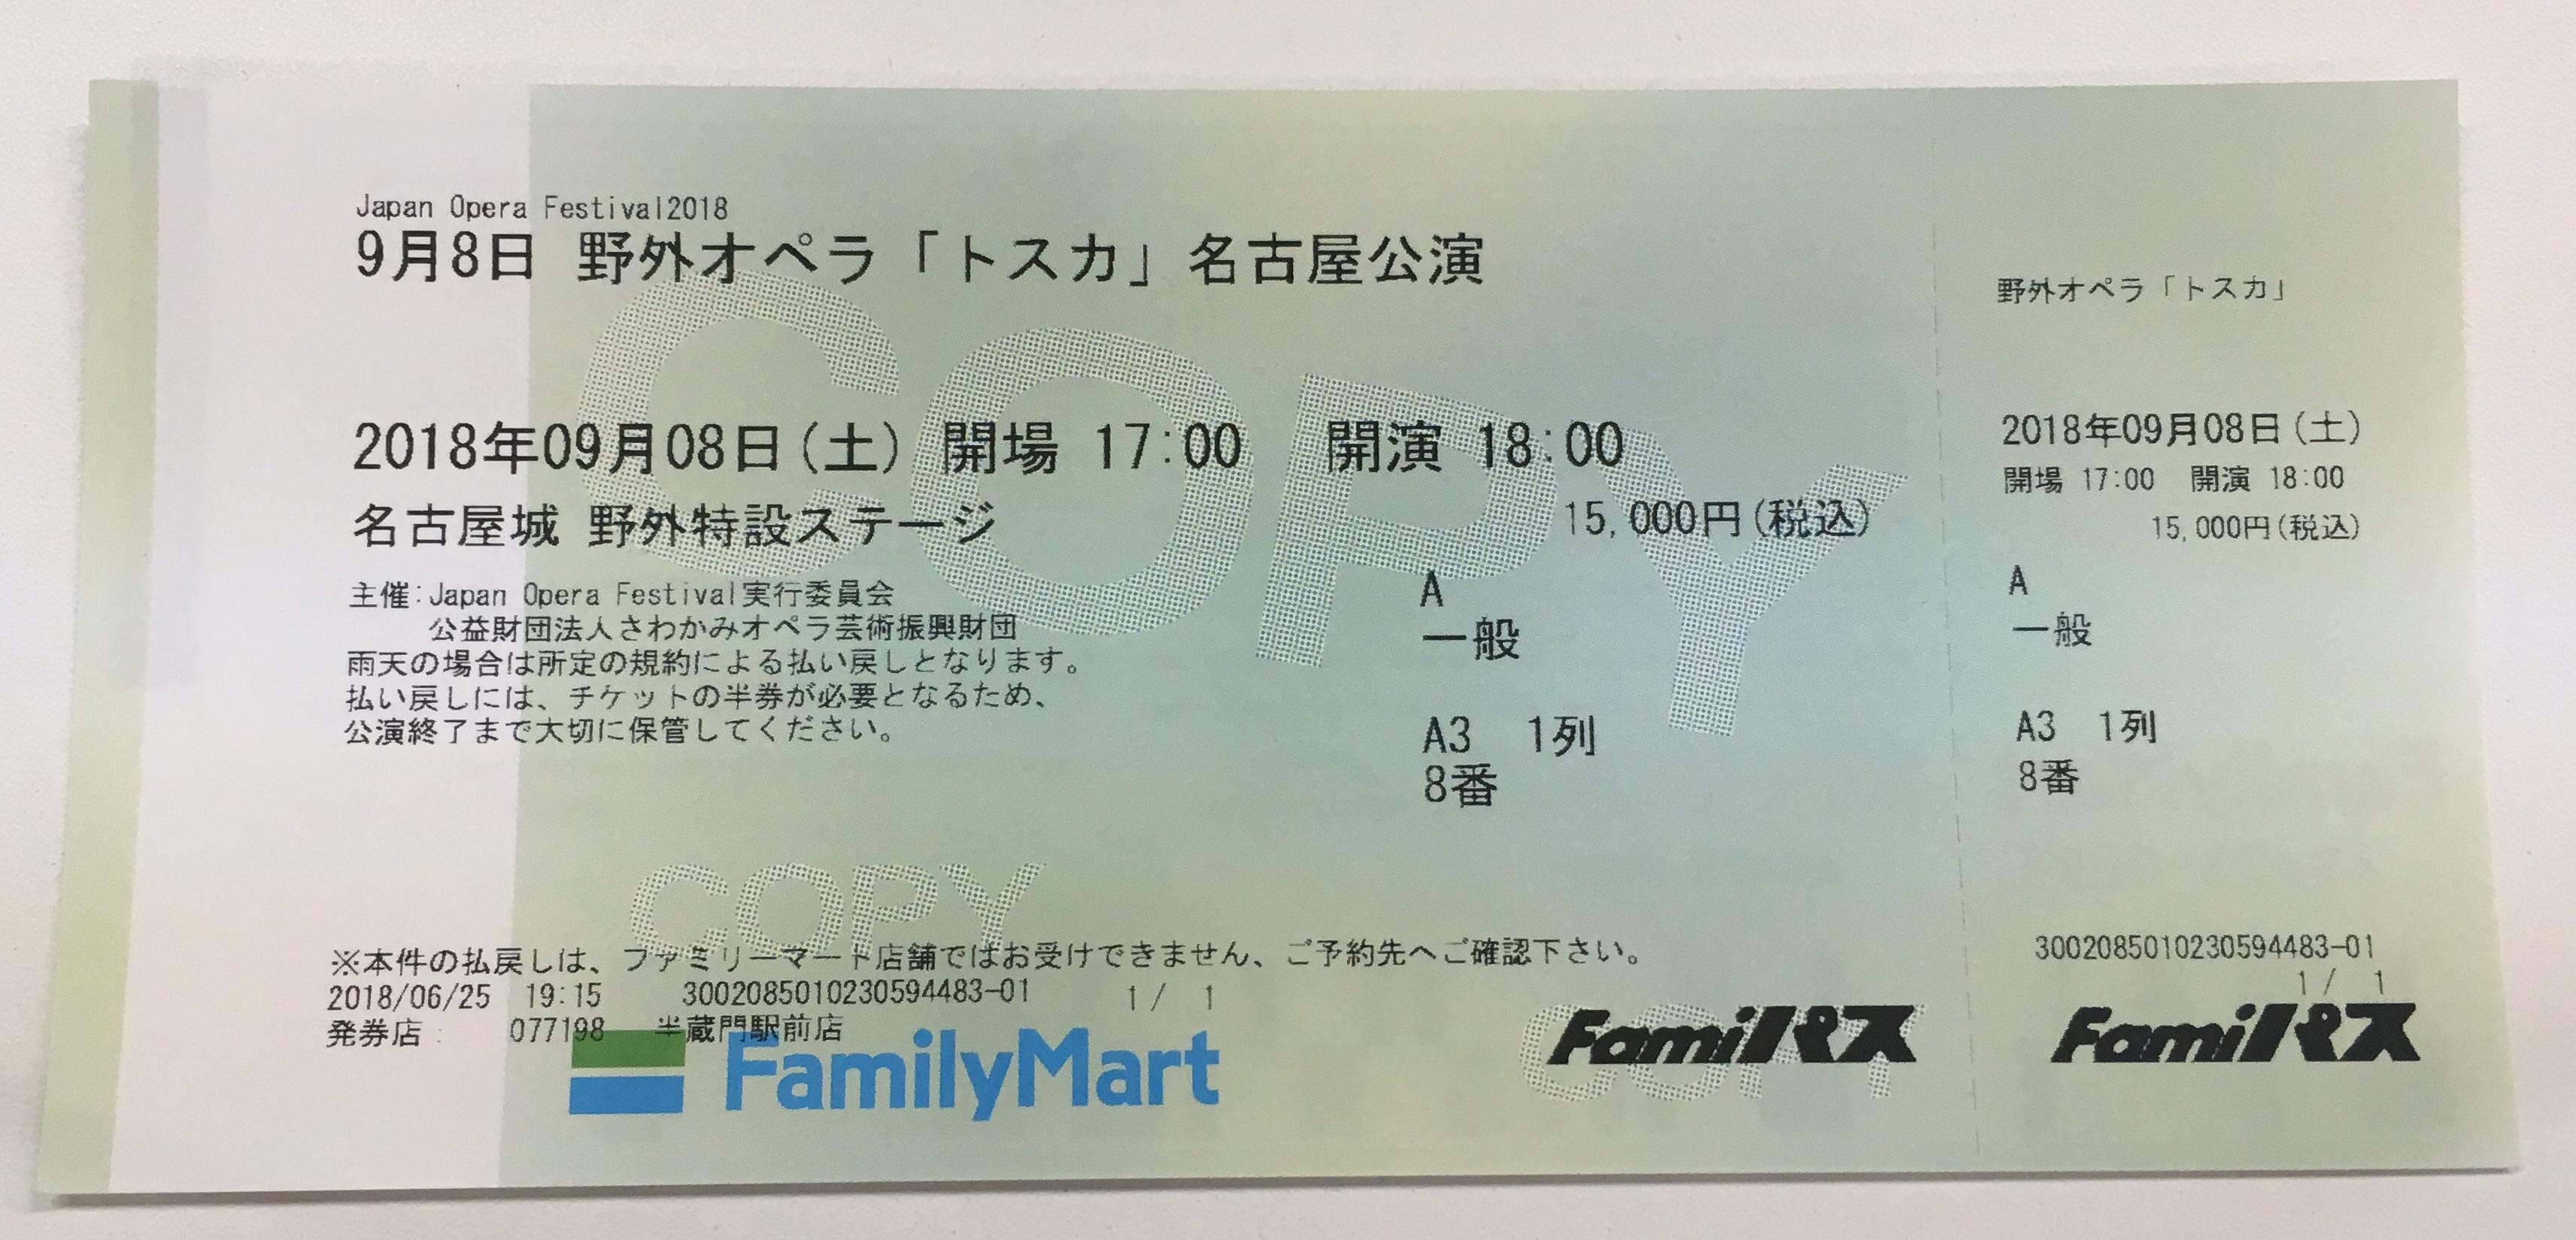 ファミリーマートのチケット